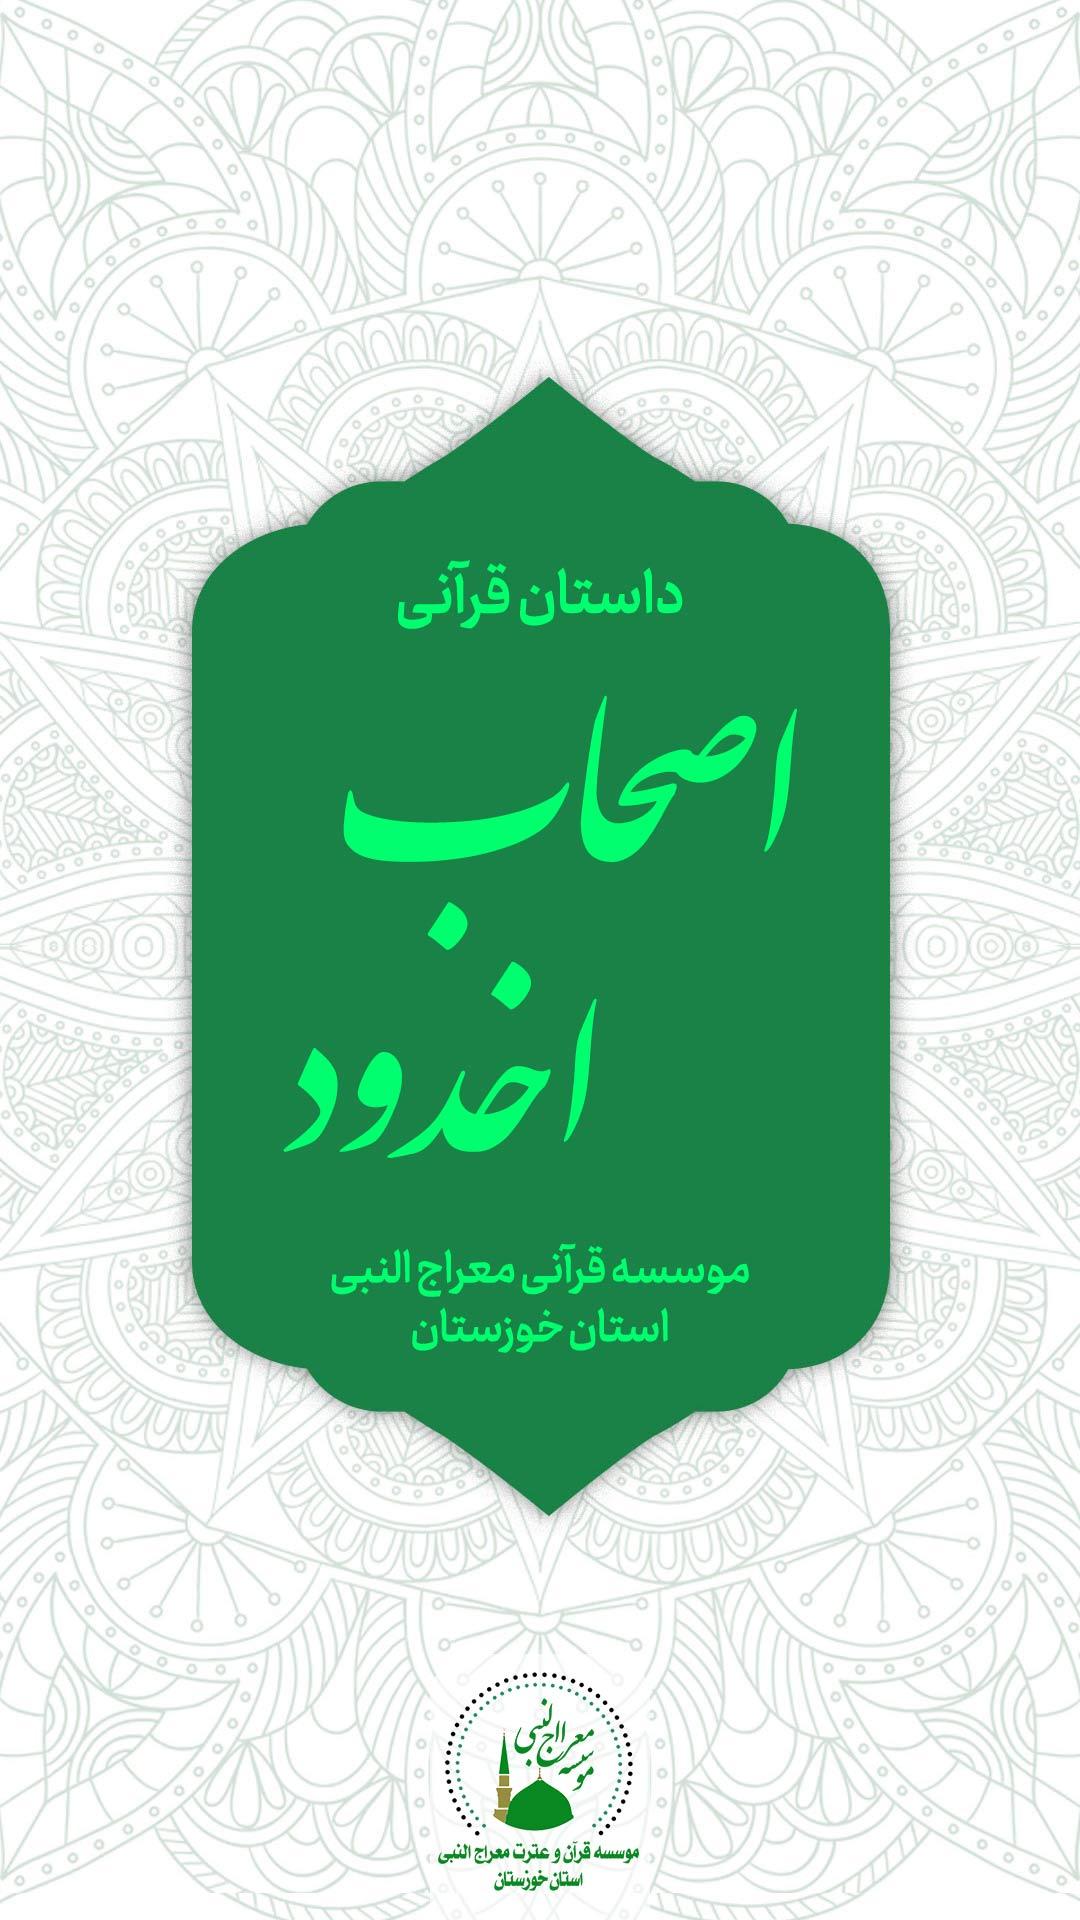 استوری داستان قرآنی اصحاب اخدود